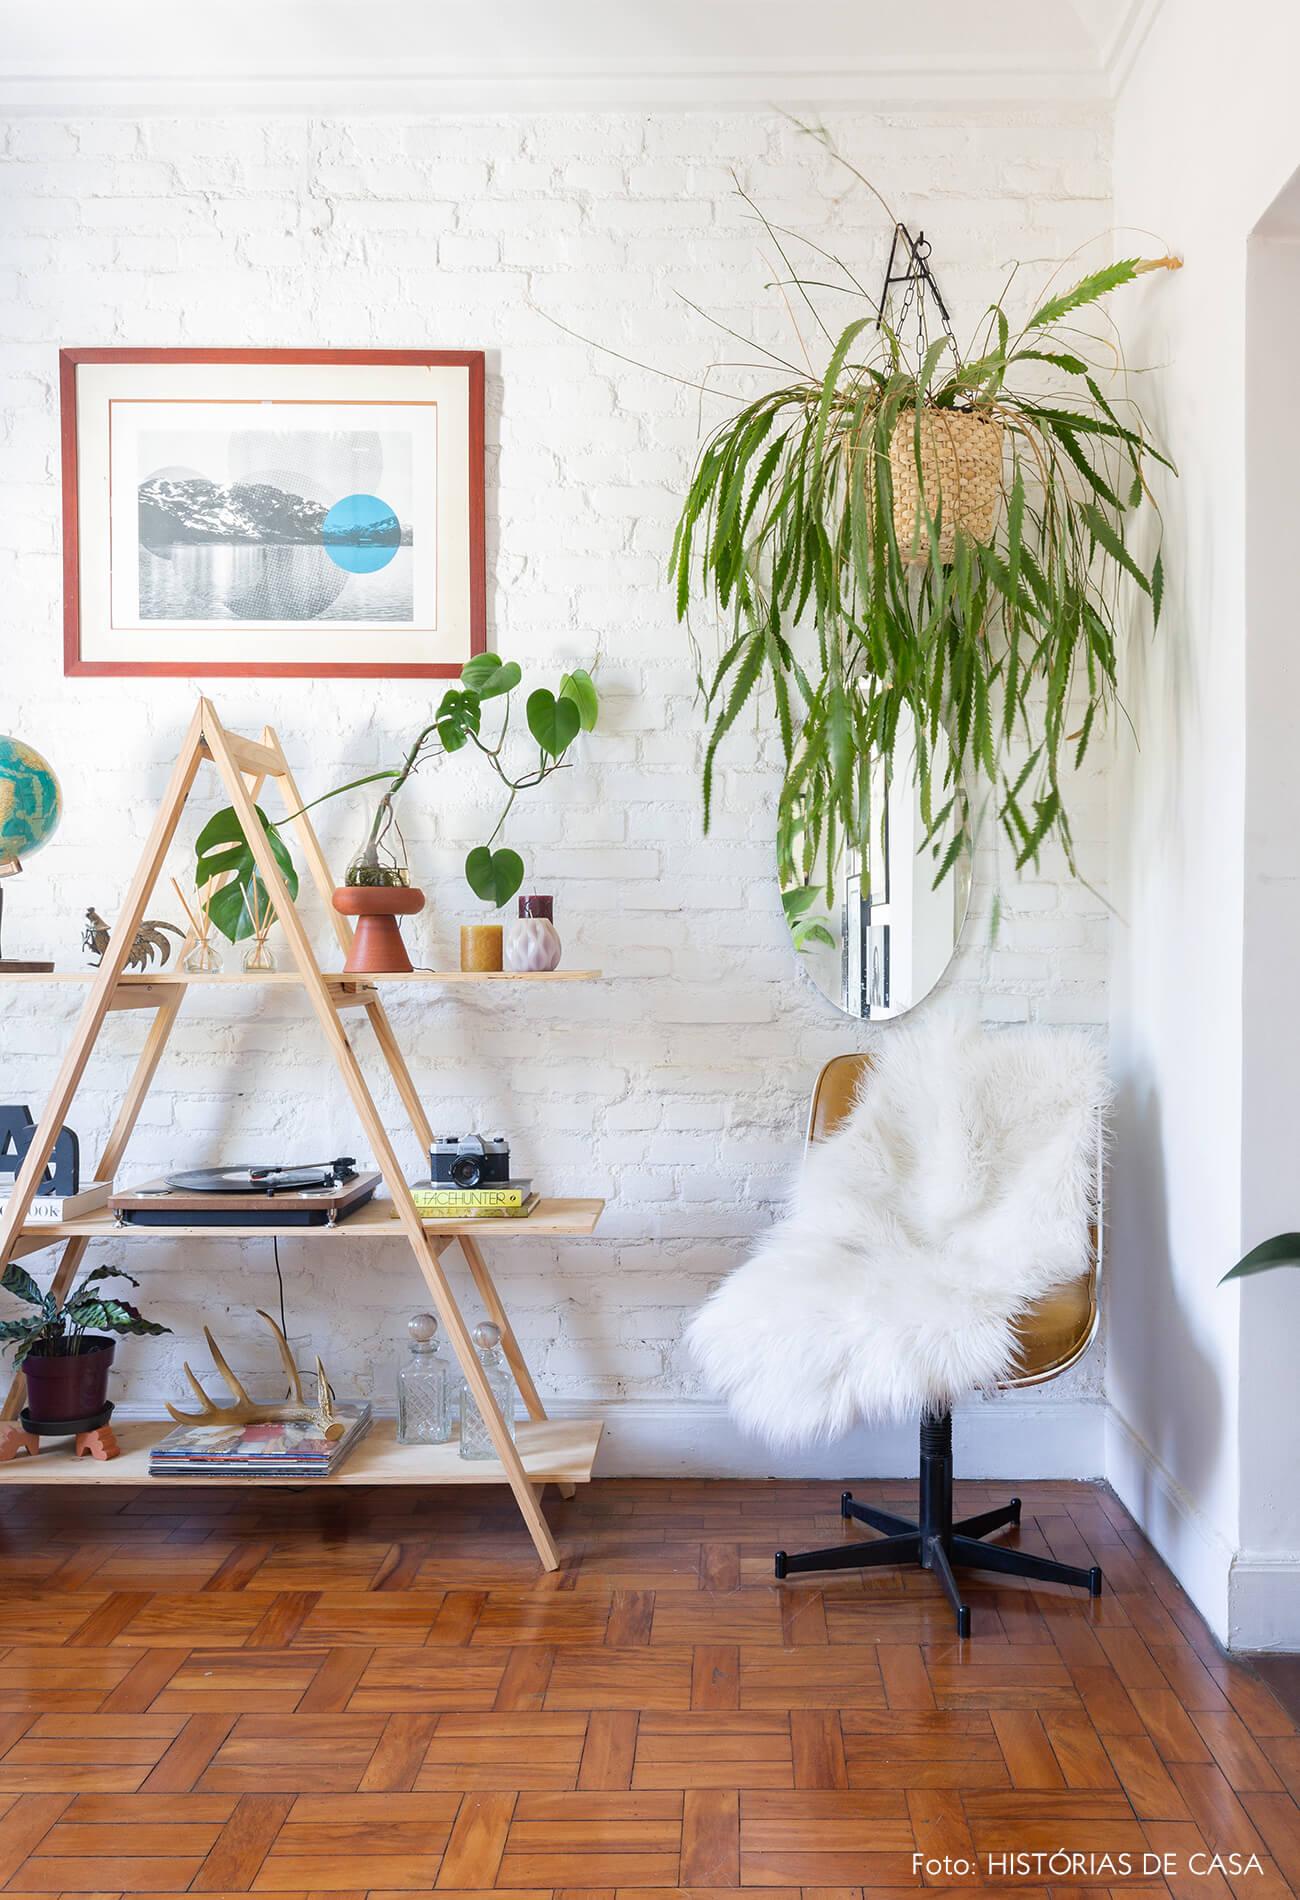 Casa de vila com móveis improvisados e soluções econômicas, como a estante de escada